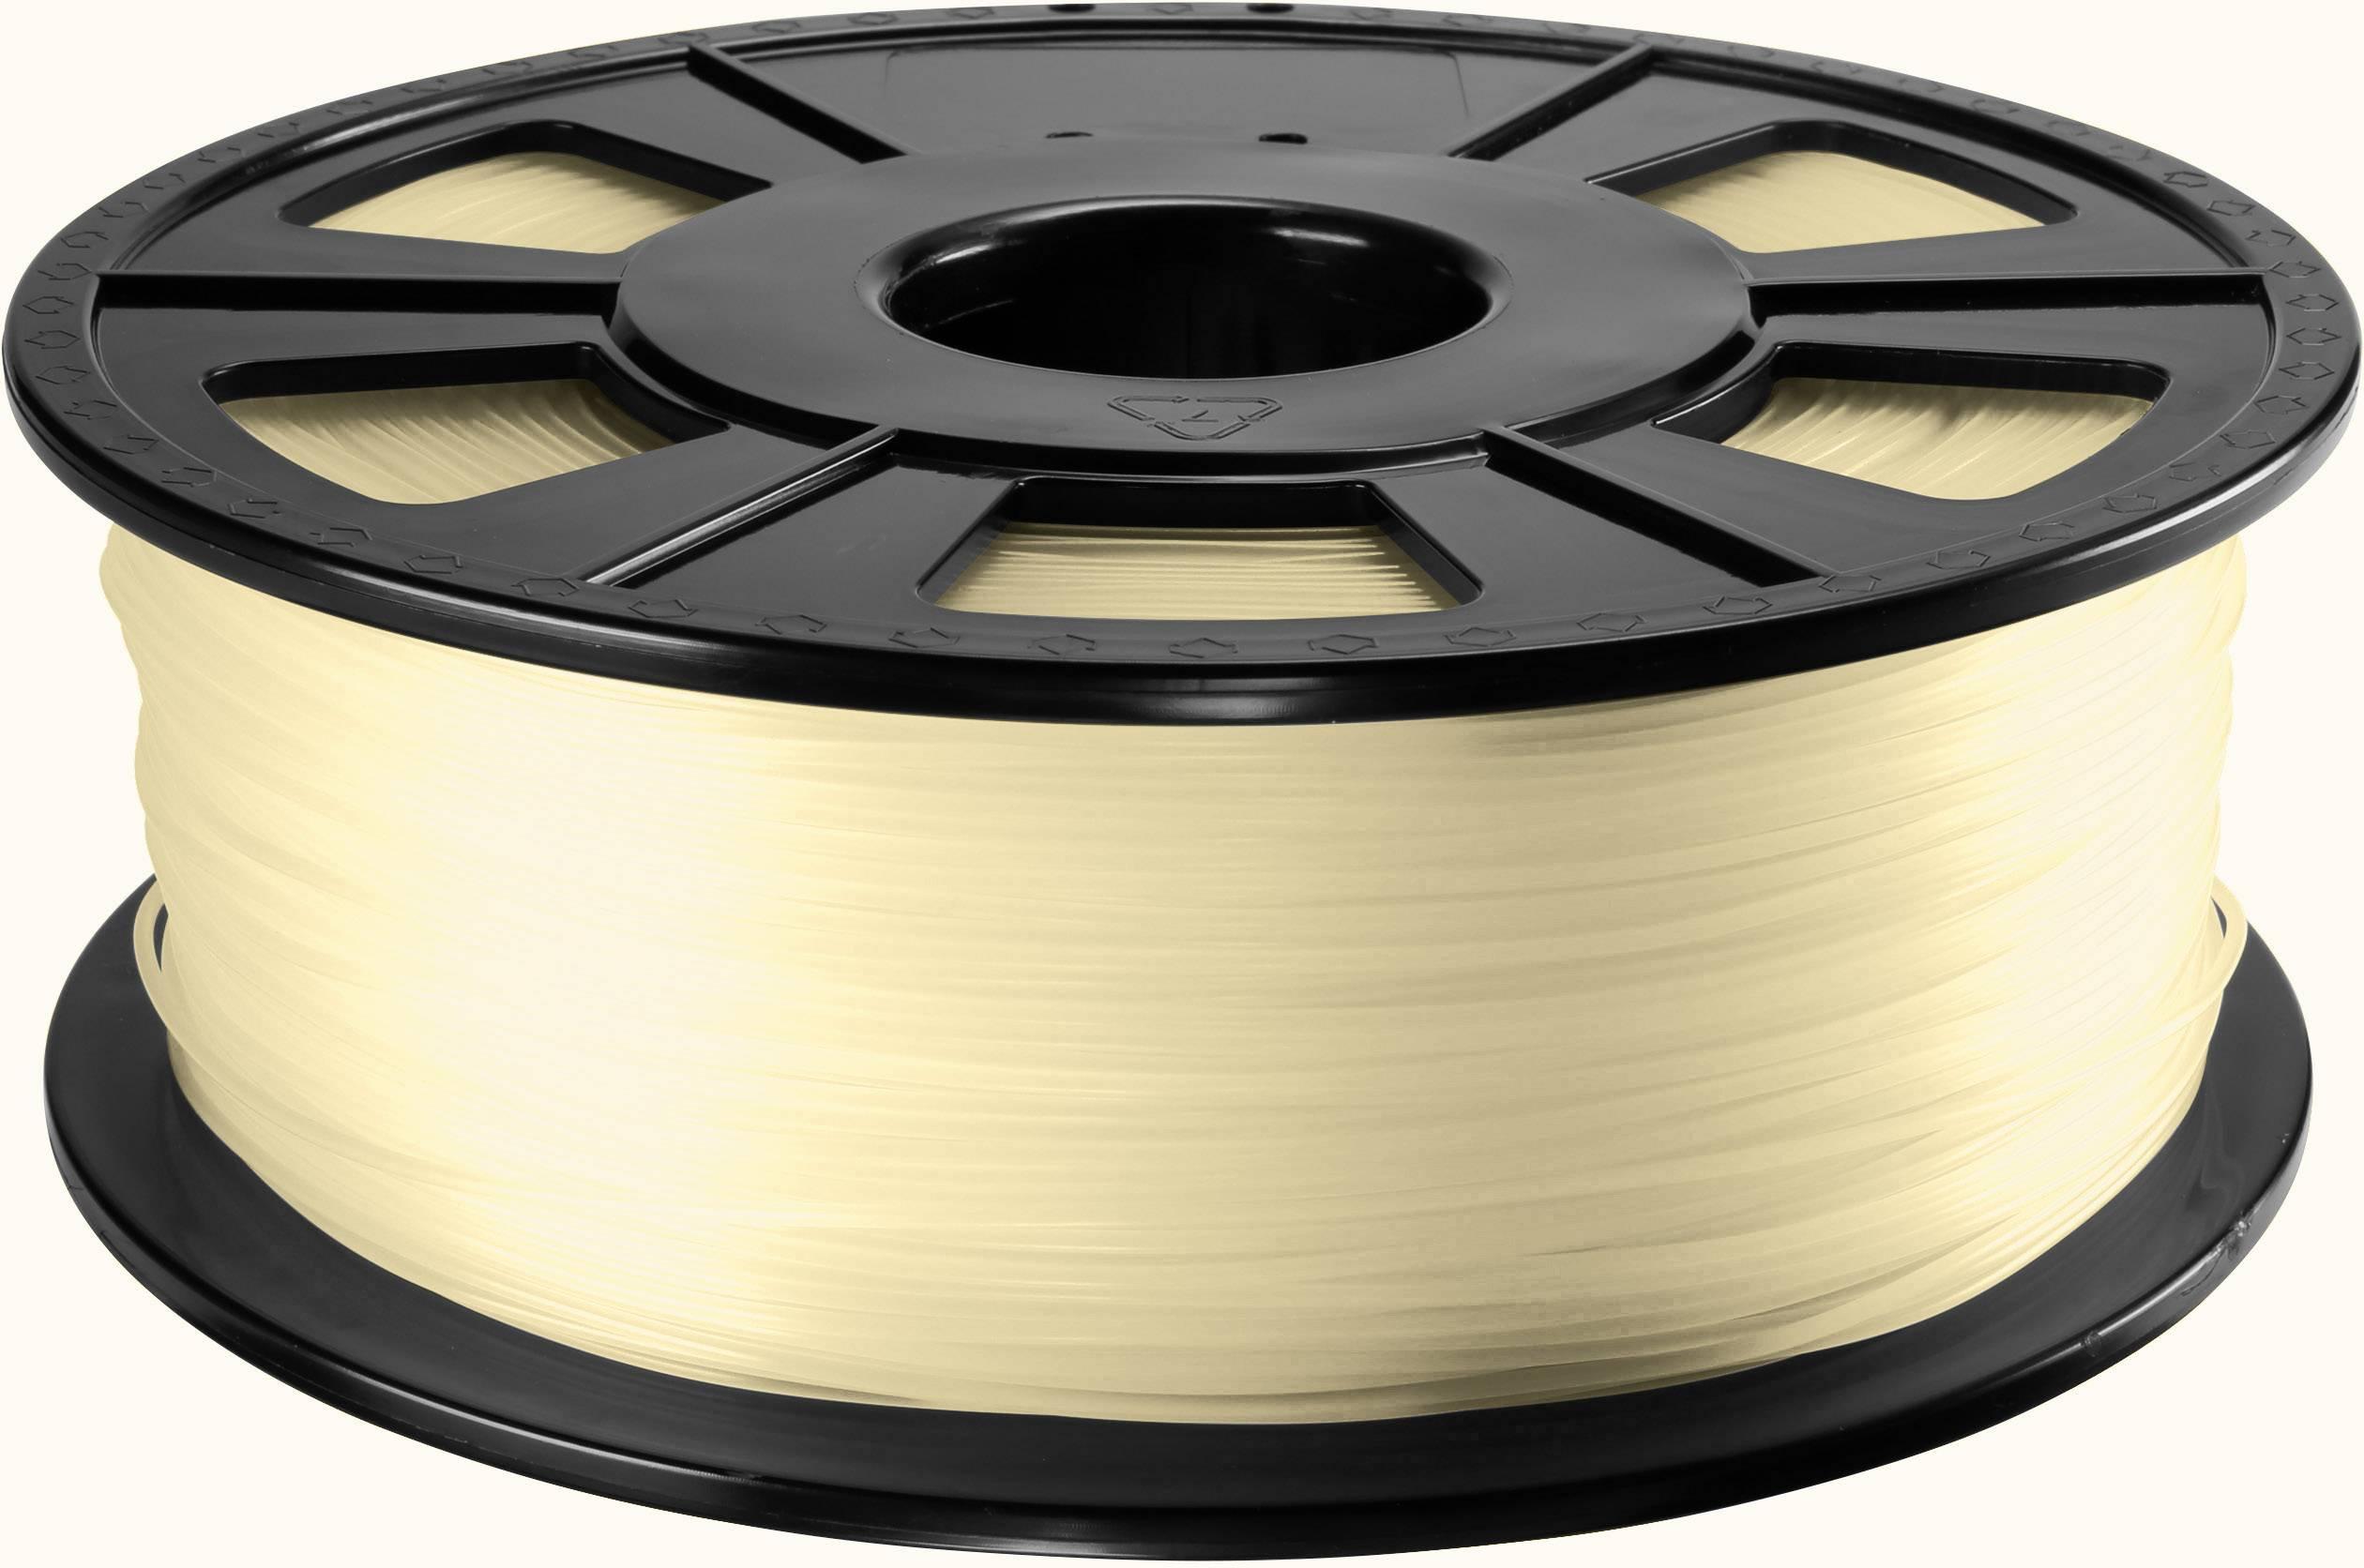 Vlákno pre 3Dtlačiarne, Renkforce 01.04.18.1201, PETG plast, 2.85 mm, 1 kg, prírodná